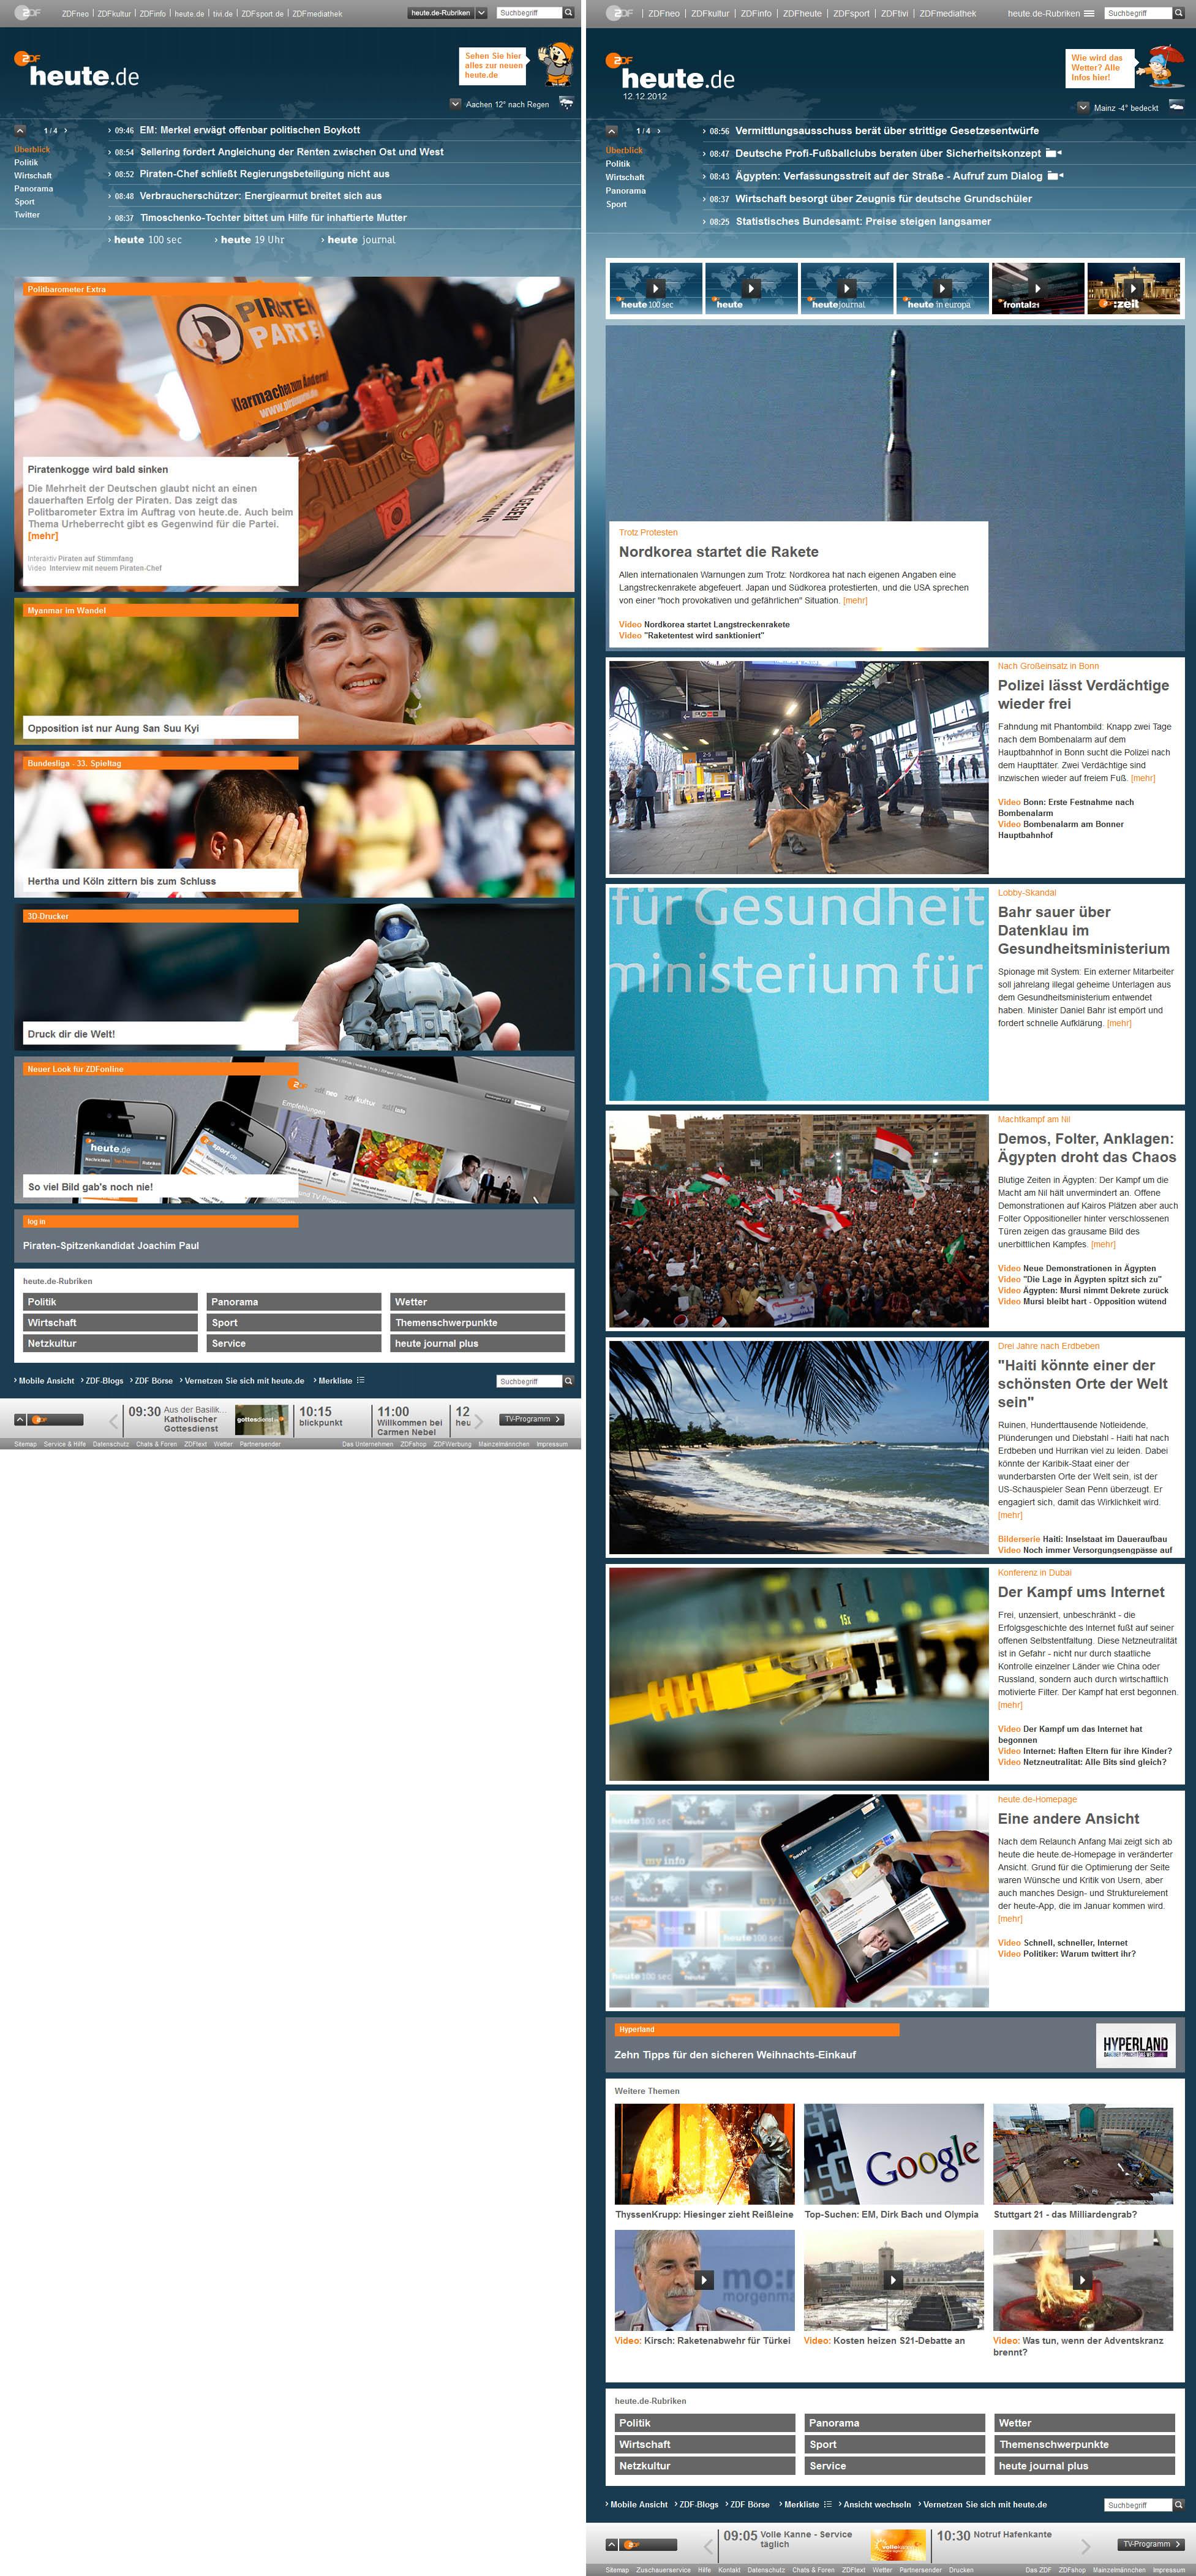 Vergleich des heute.de-Layouts vom 29.04. und 12.12.2012